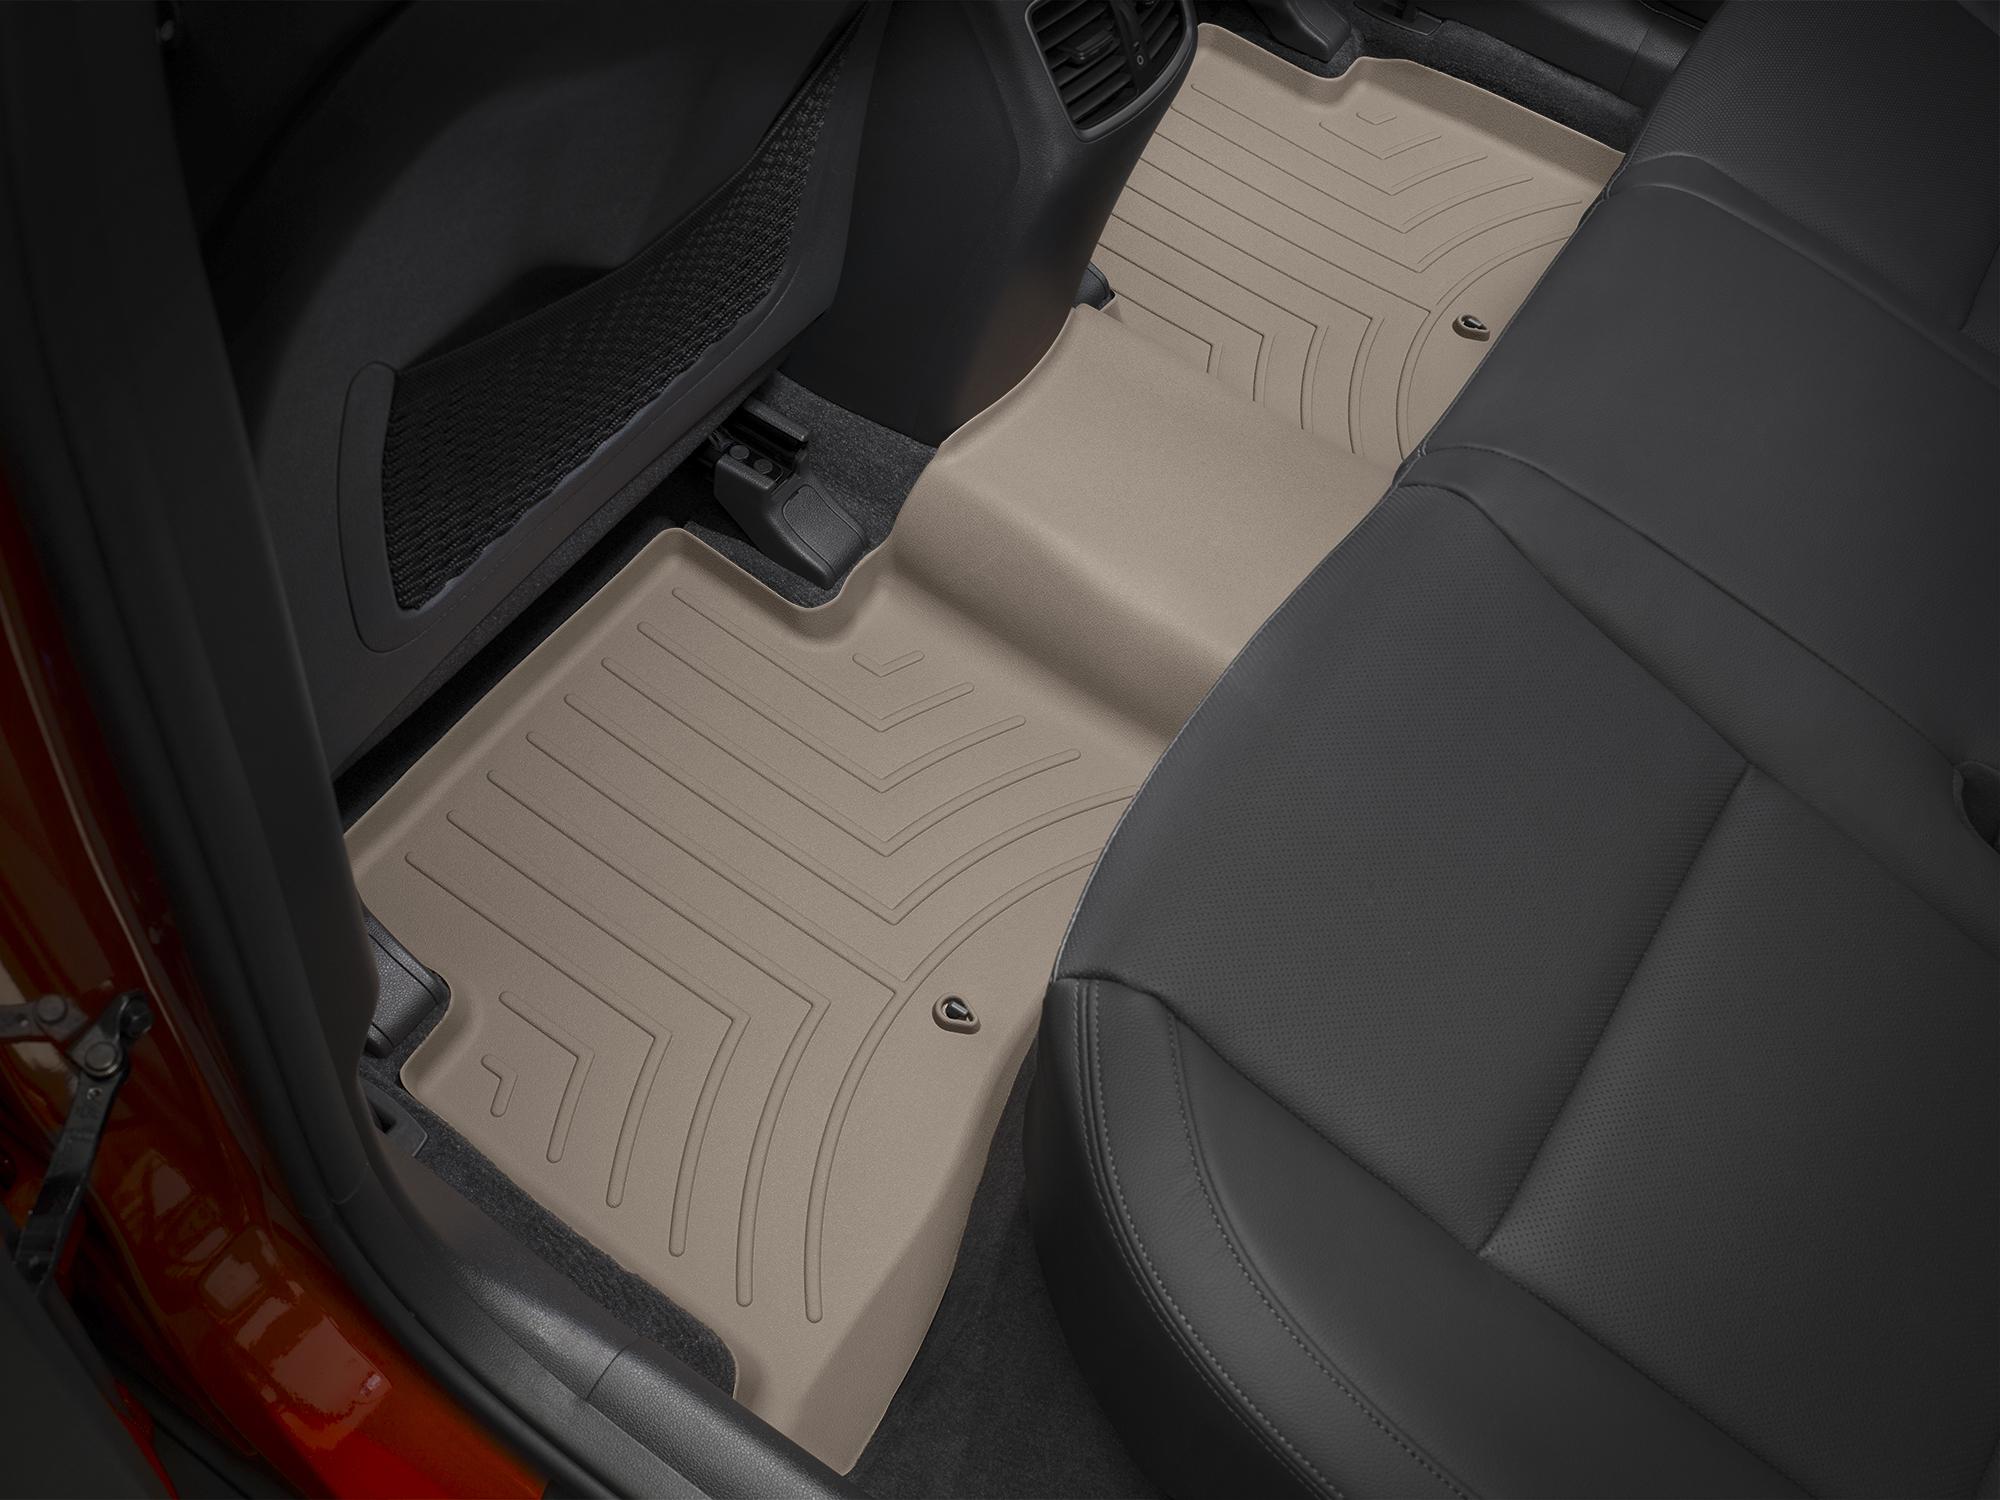 Tappeti gomma su misura bordo alto Hyundai Tucson 15>17 Marrone A1501